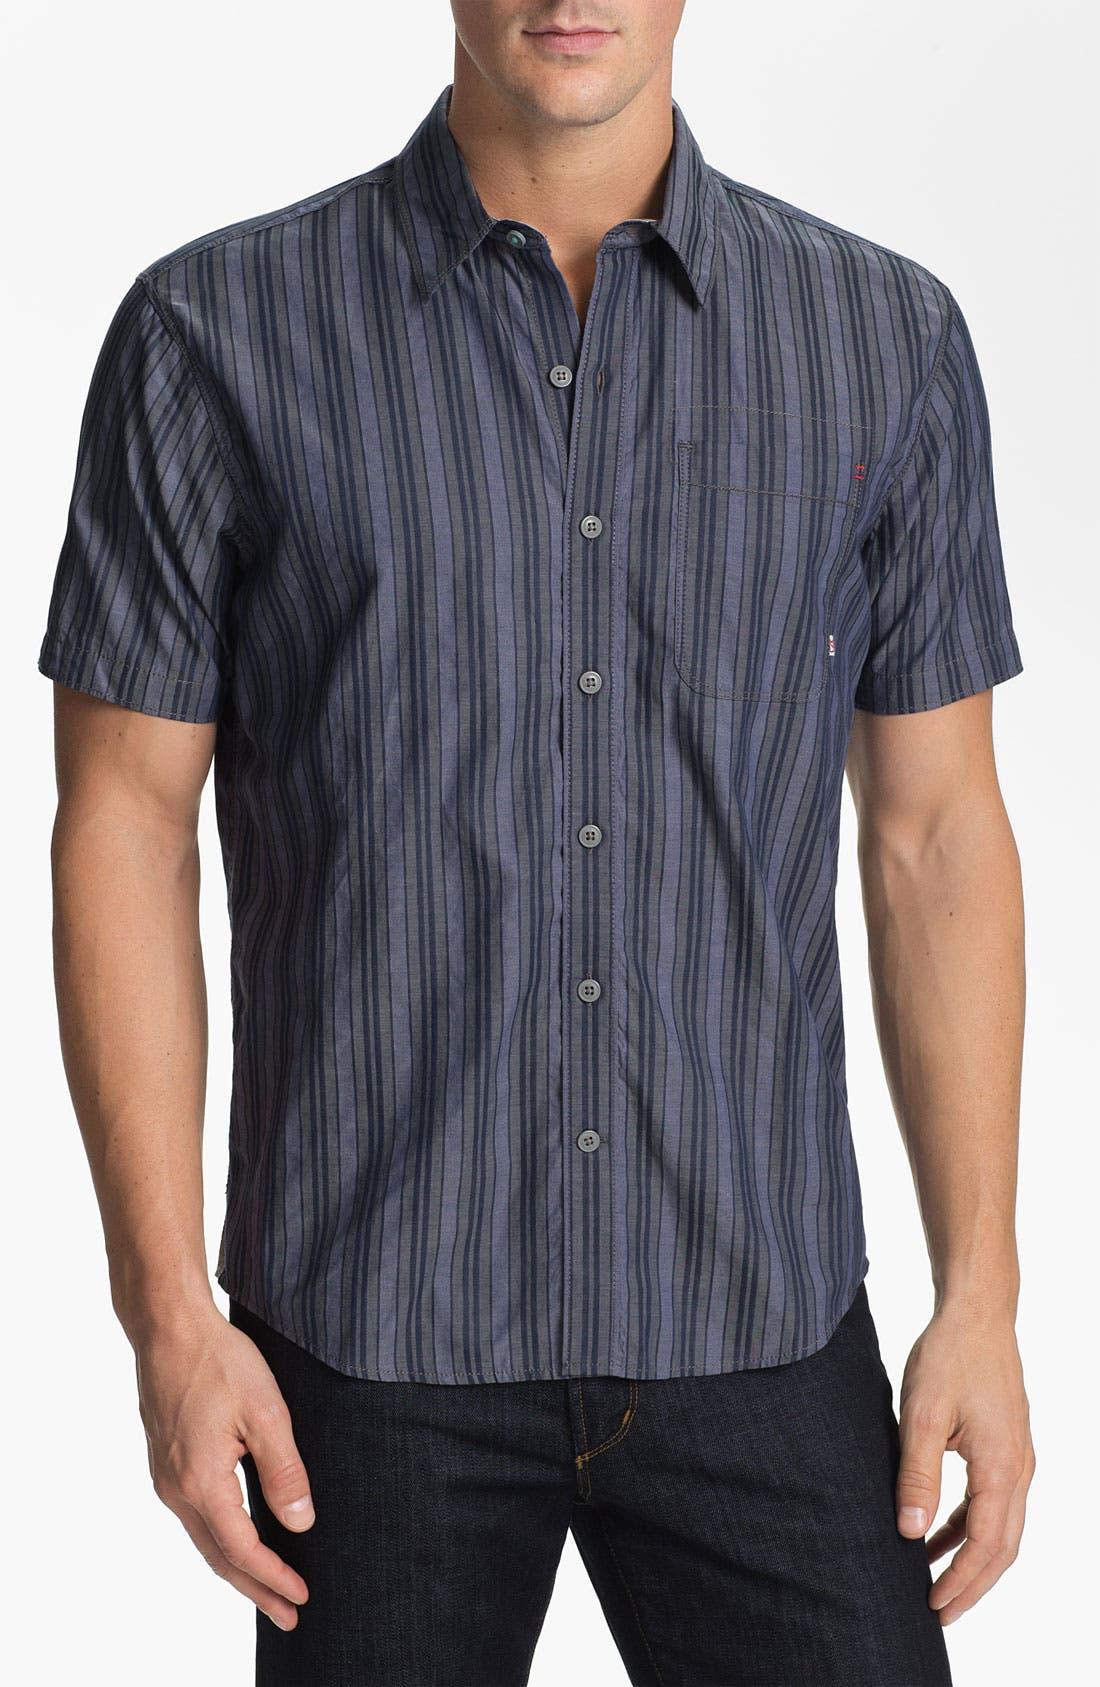 Alternate Image 1 Selected - Cutter & Buck 'Meyer Stripe' Regular Fit Sport Shirt (Big & Tall)